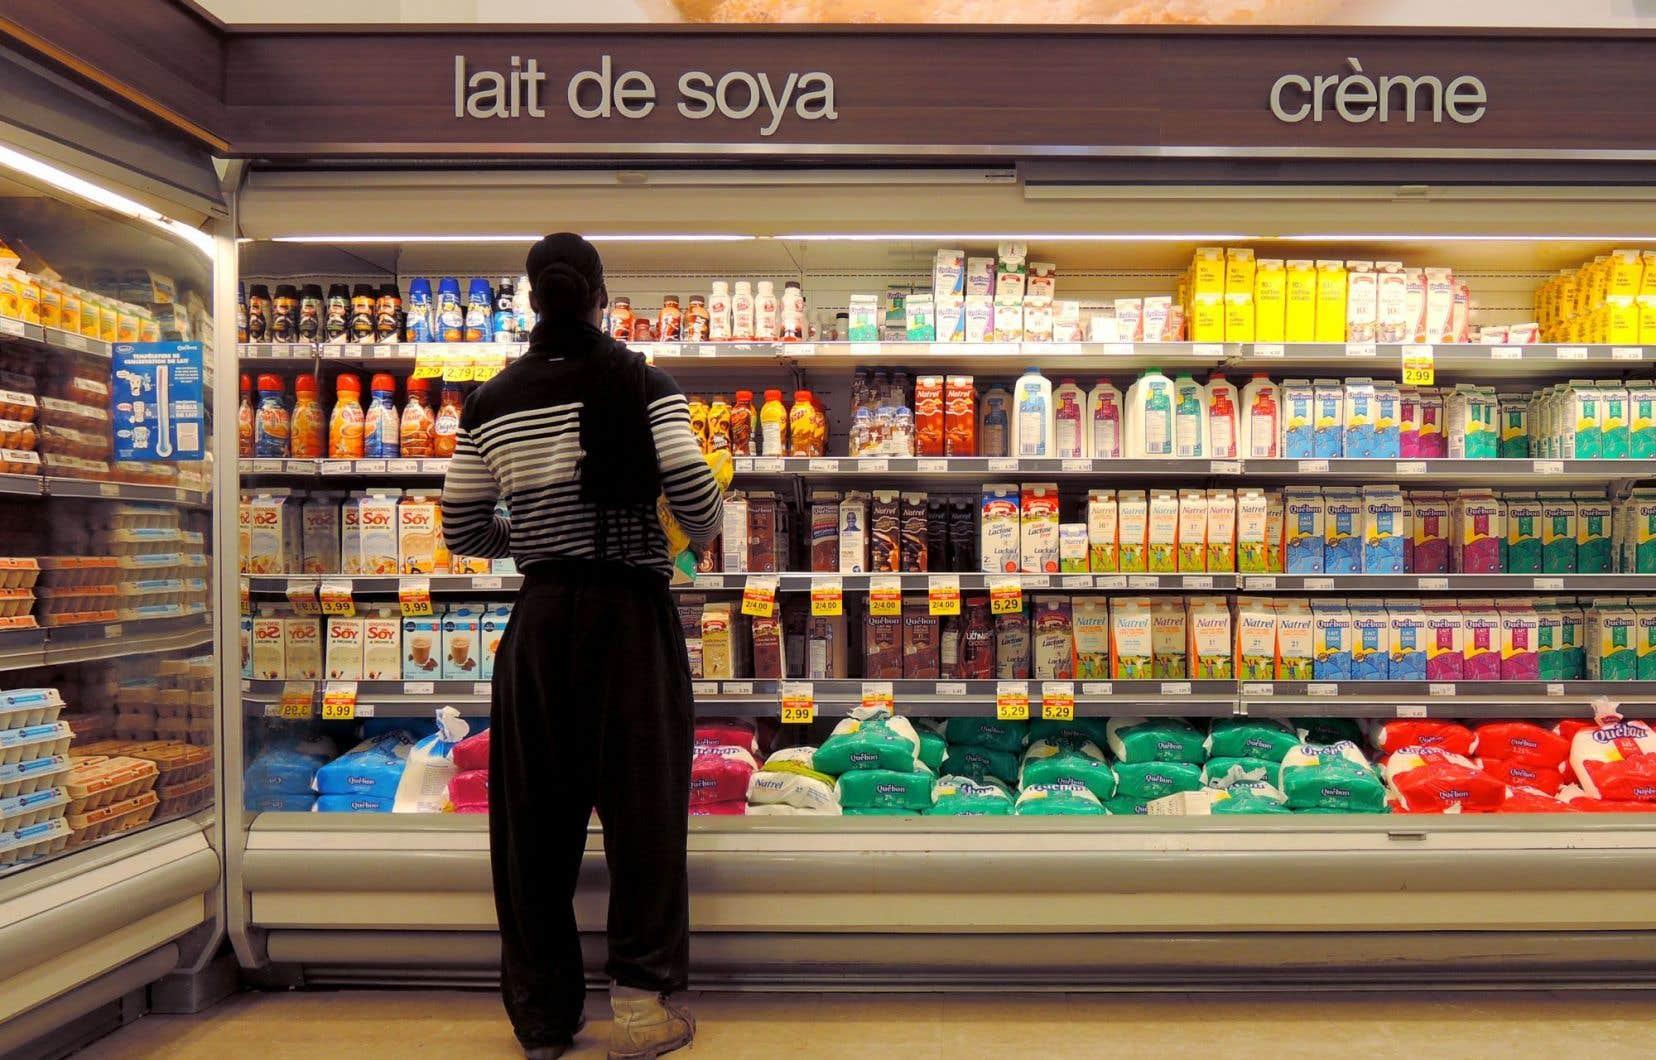 Dorénavant, l'étiquetage révélera la quantité totale en grammes des sucres présents dans un aliment.